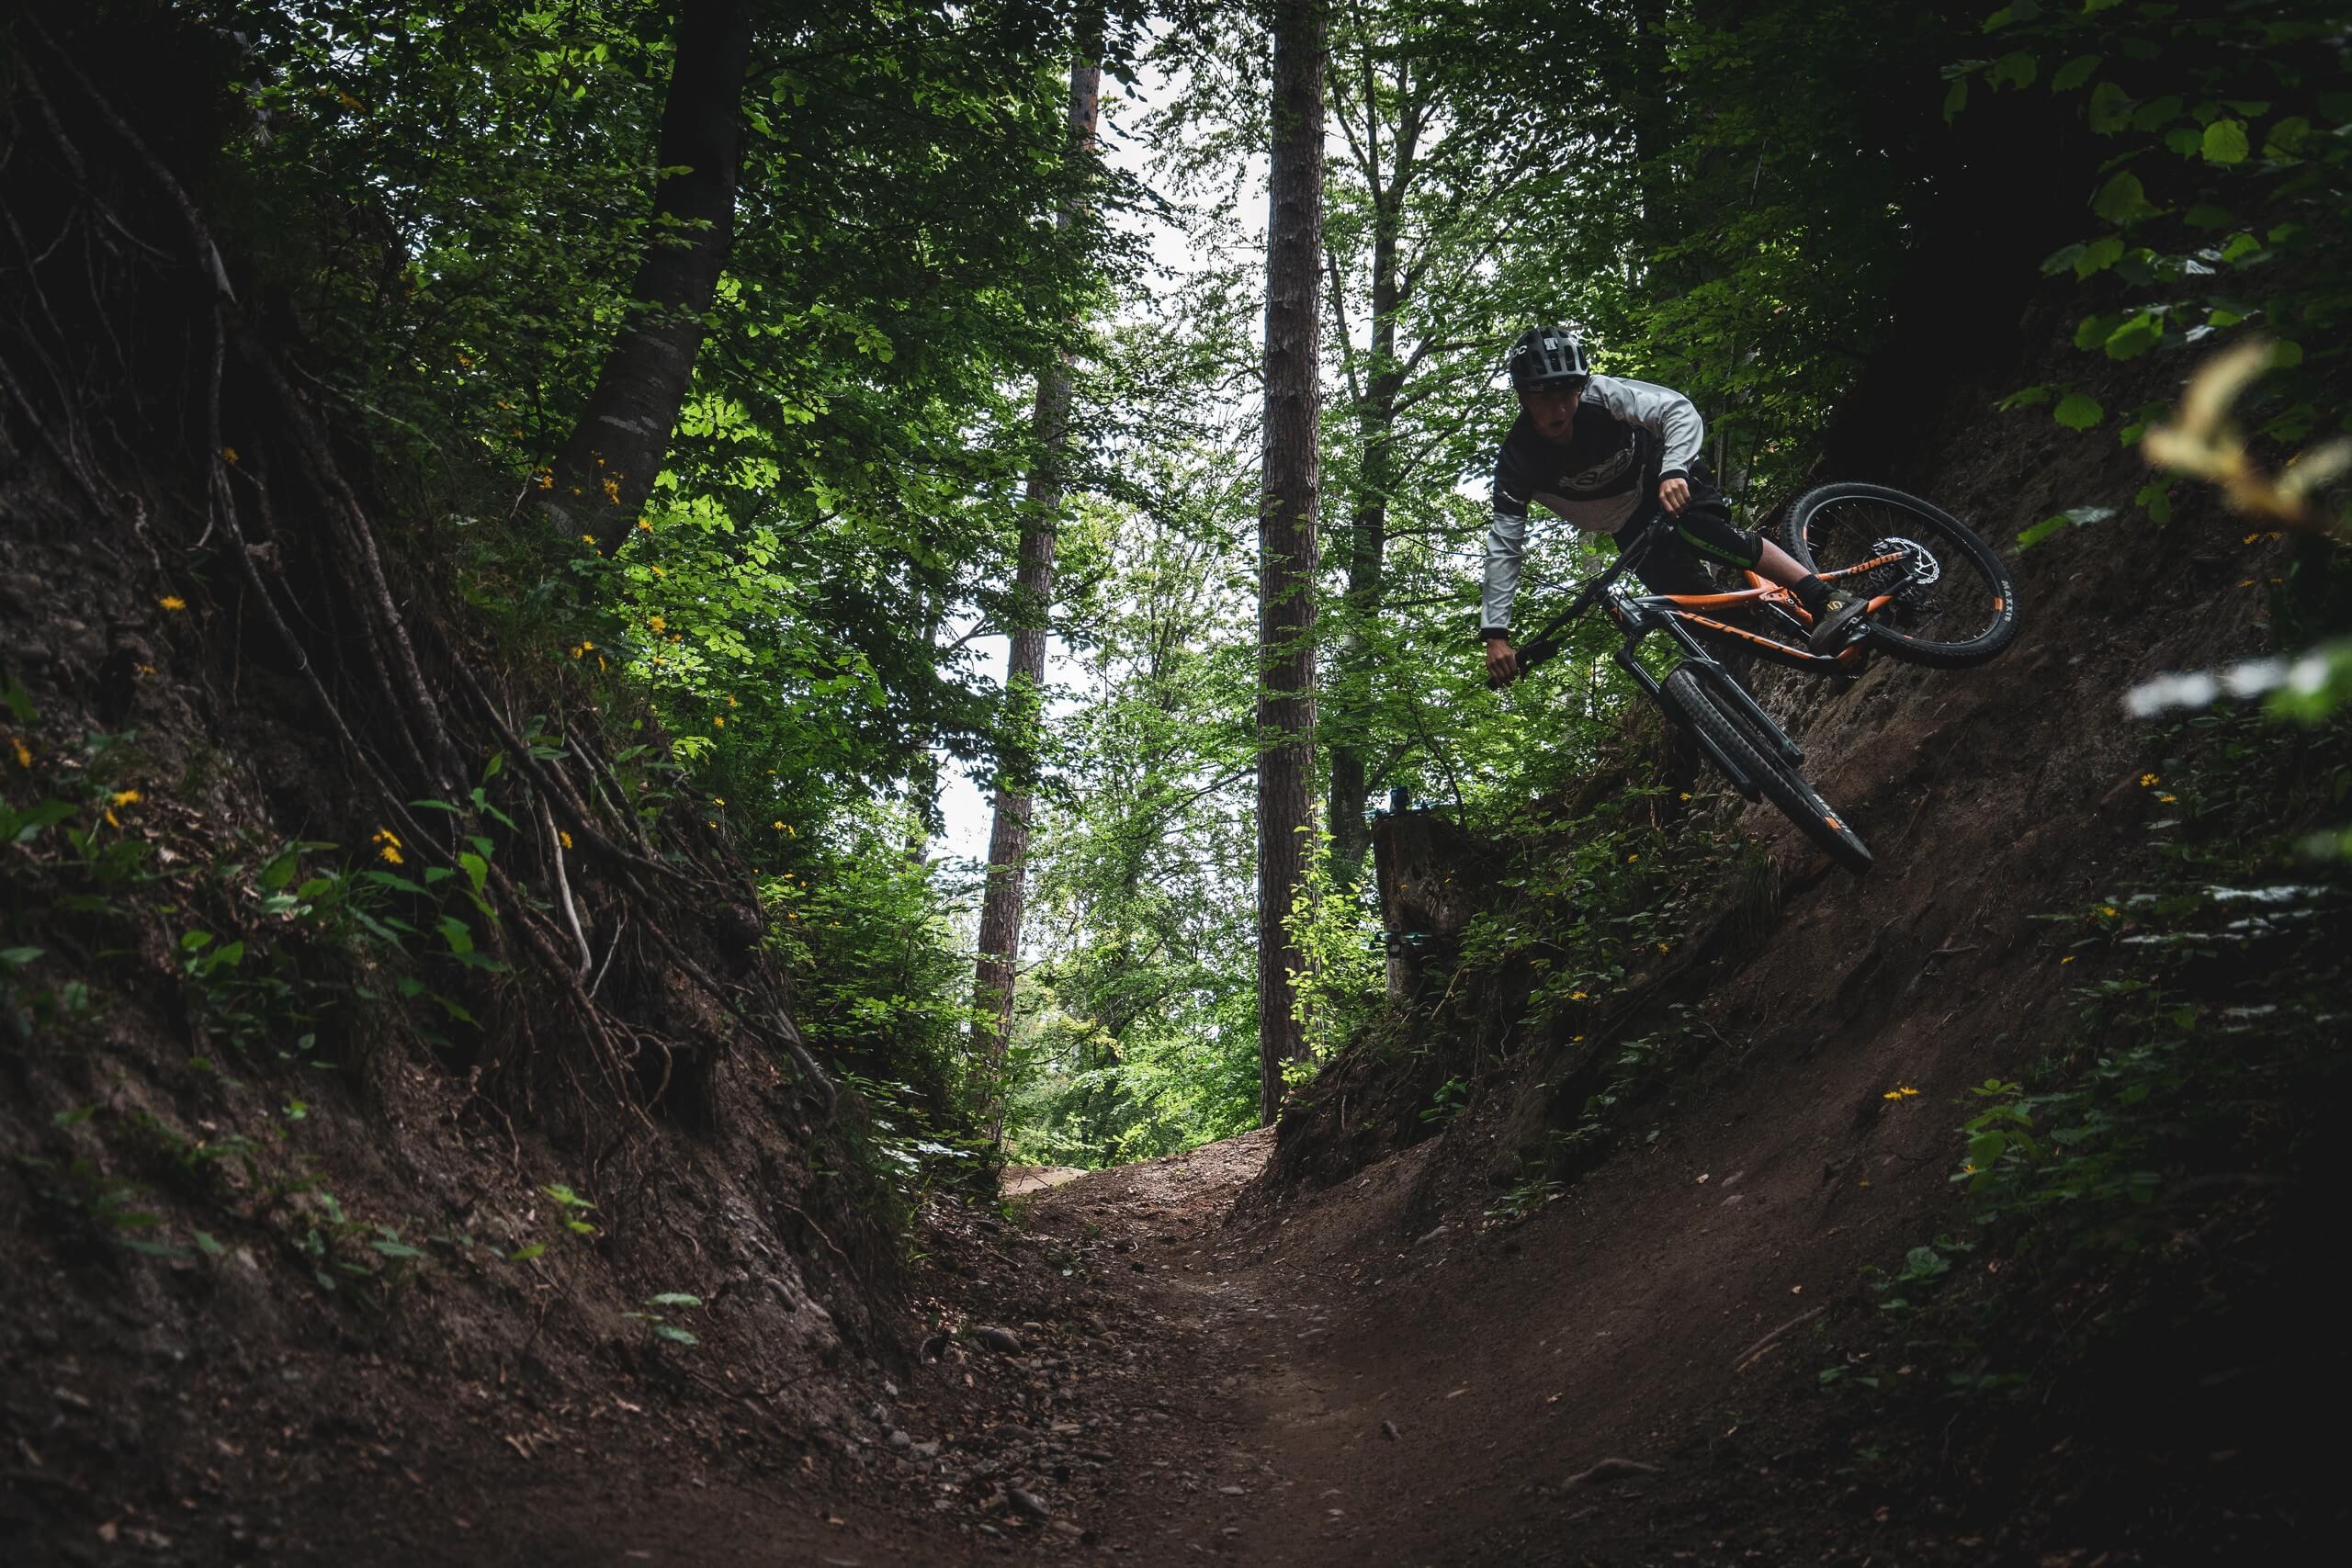 bikepark-thunersee-downhill-waldweg-halfpipe-trick